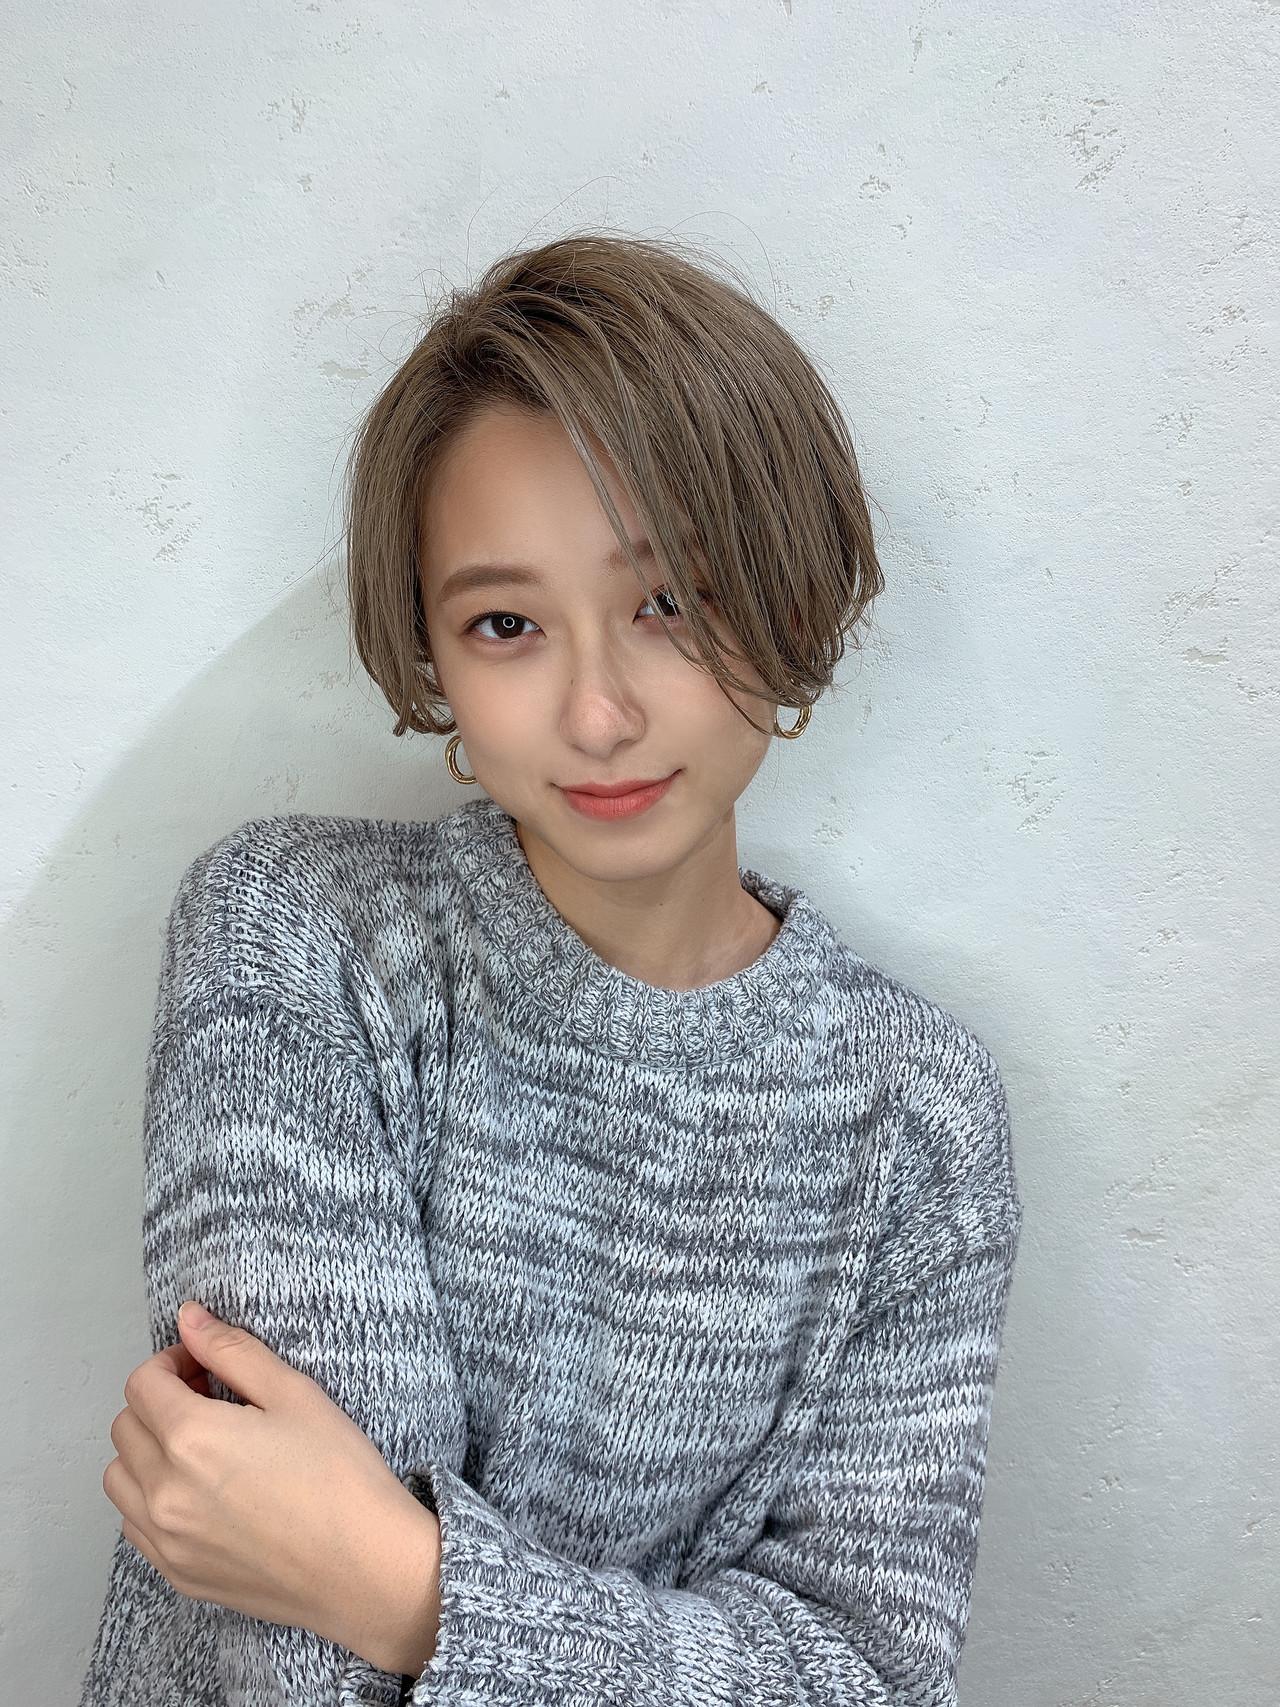 ナチュラル 小顔ヘア 可愛い ハンサムショート ヘアスタイルや髪型の写真・画像 | 山口 健太 / Lond ange